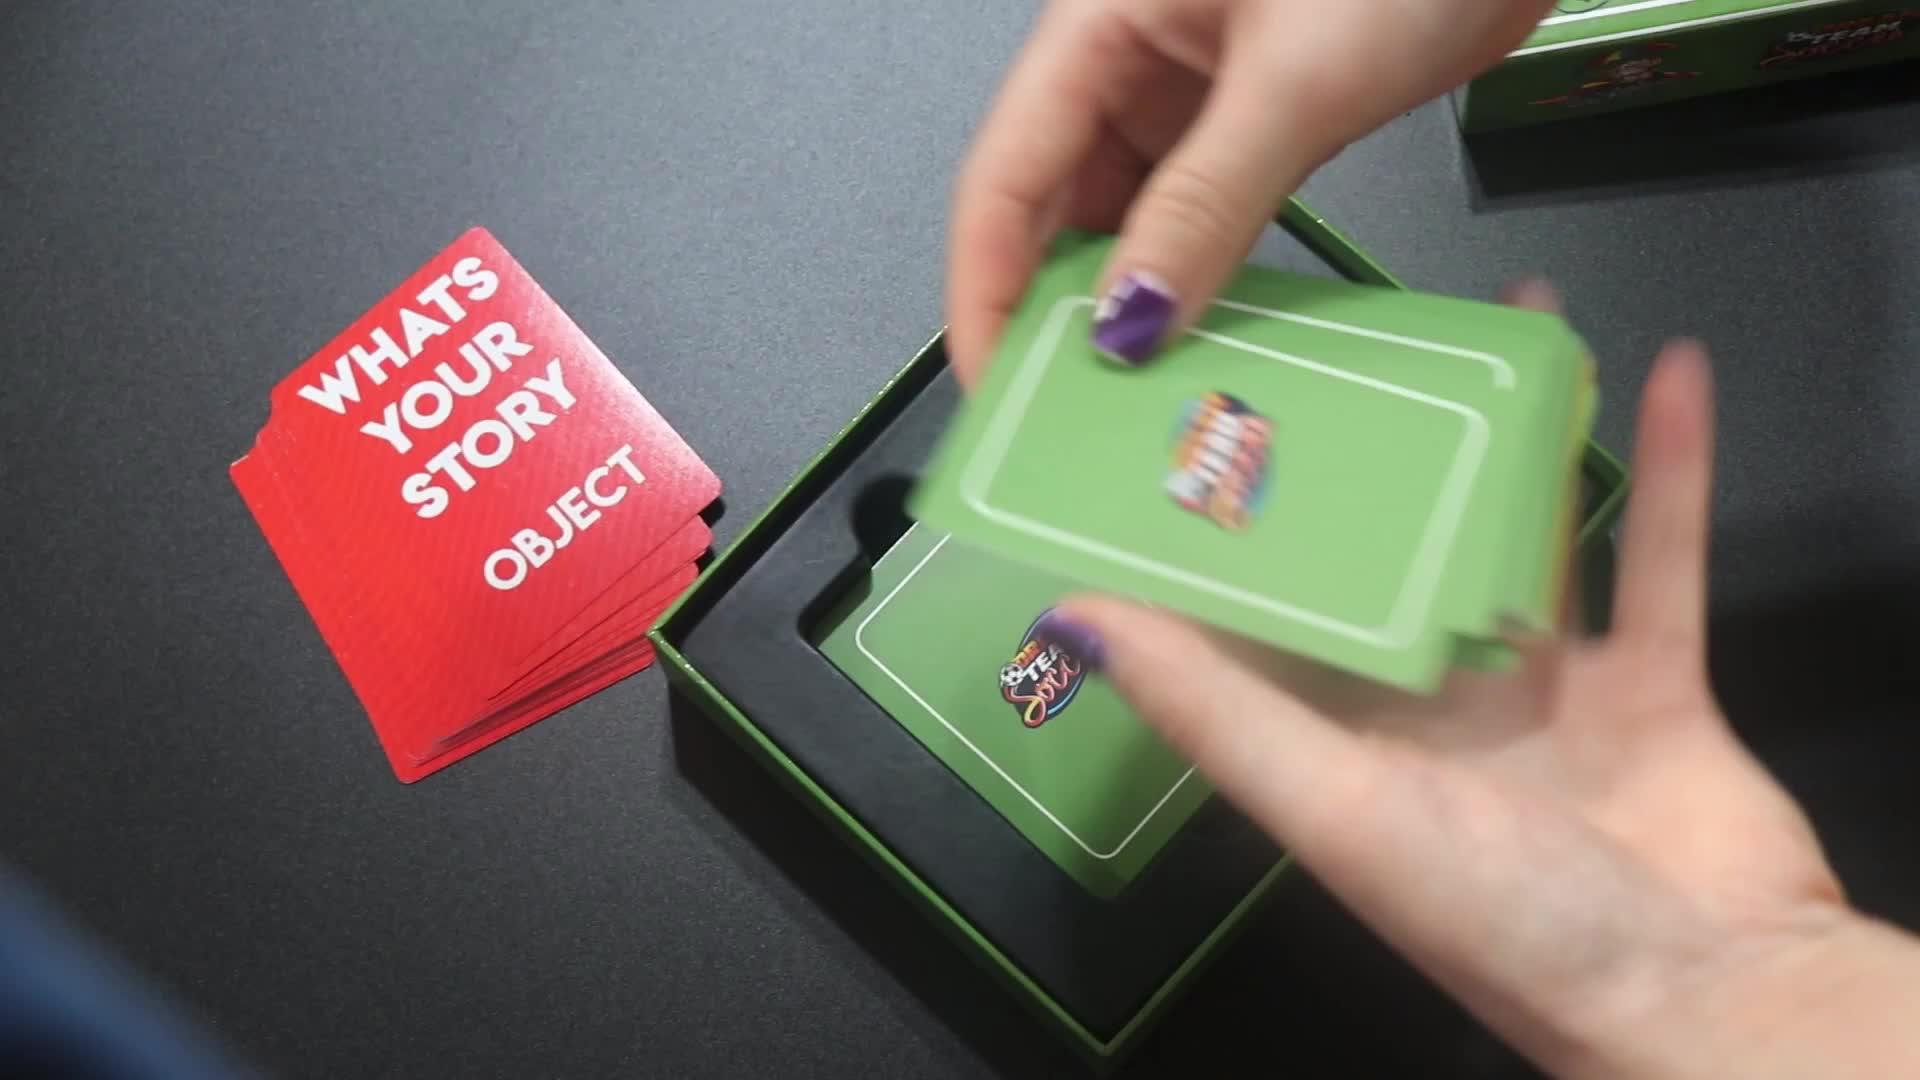 Топ с индивидуальным рисунком, качество, на заказ, бумажная игра, настольная игра, дизайн, индивидуальная печать, оптовая продажа